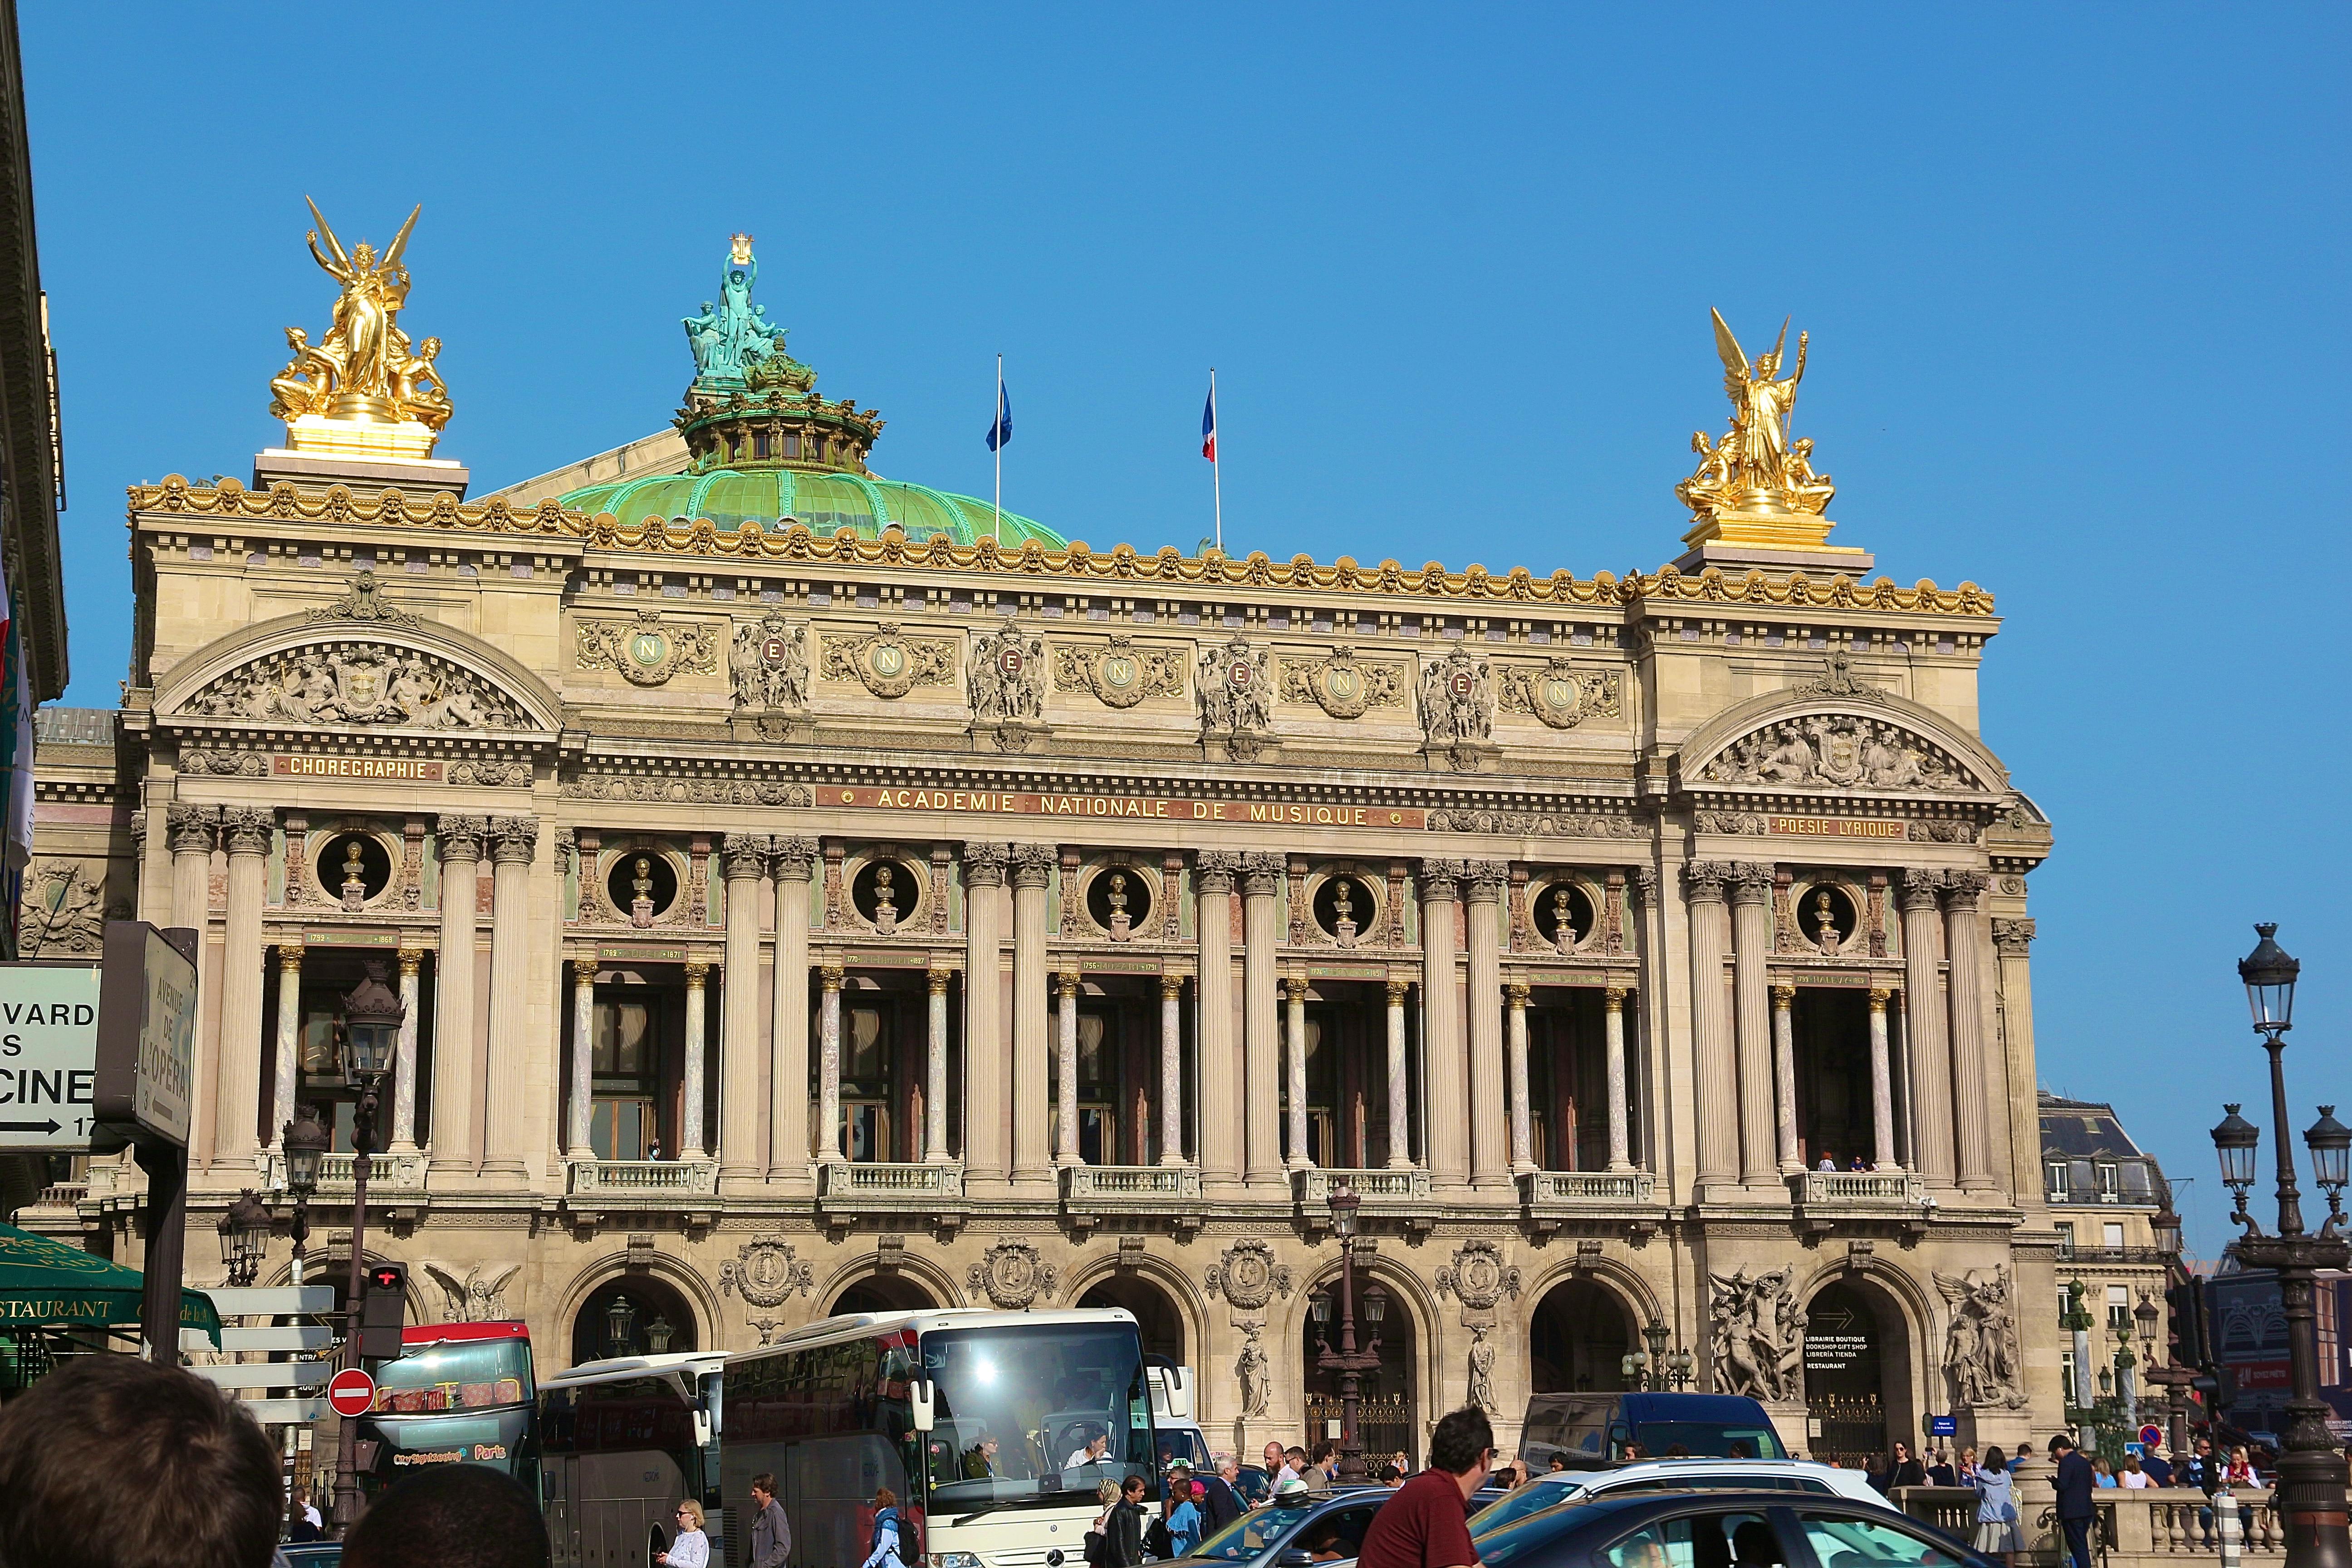 📸 l'Opéra Garnier